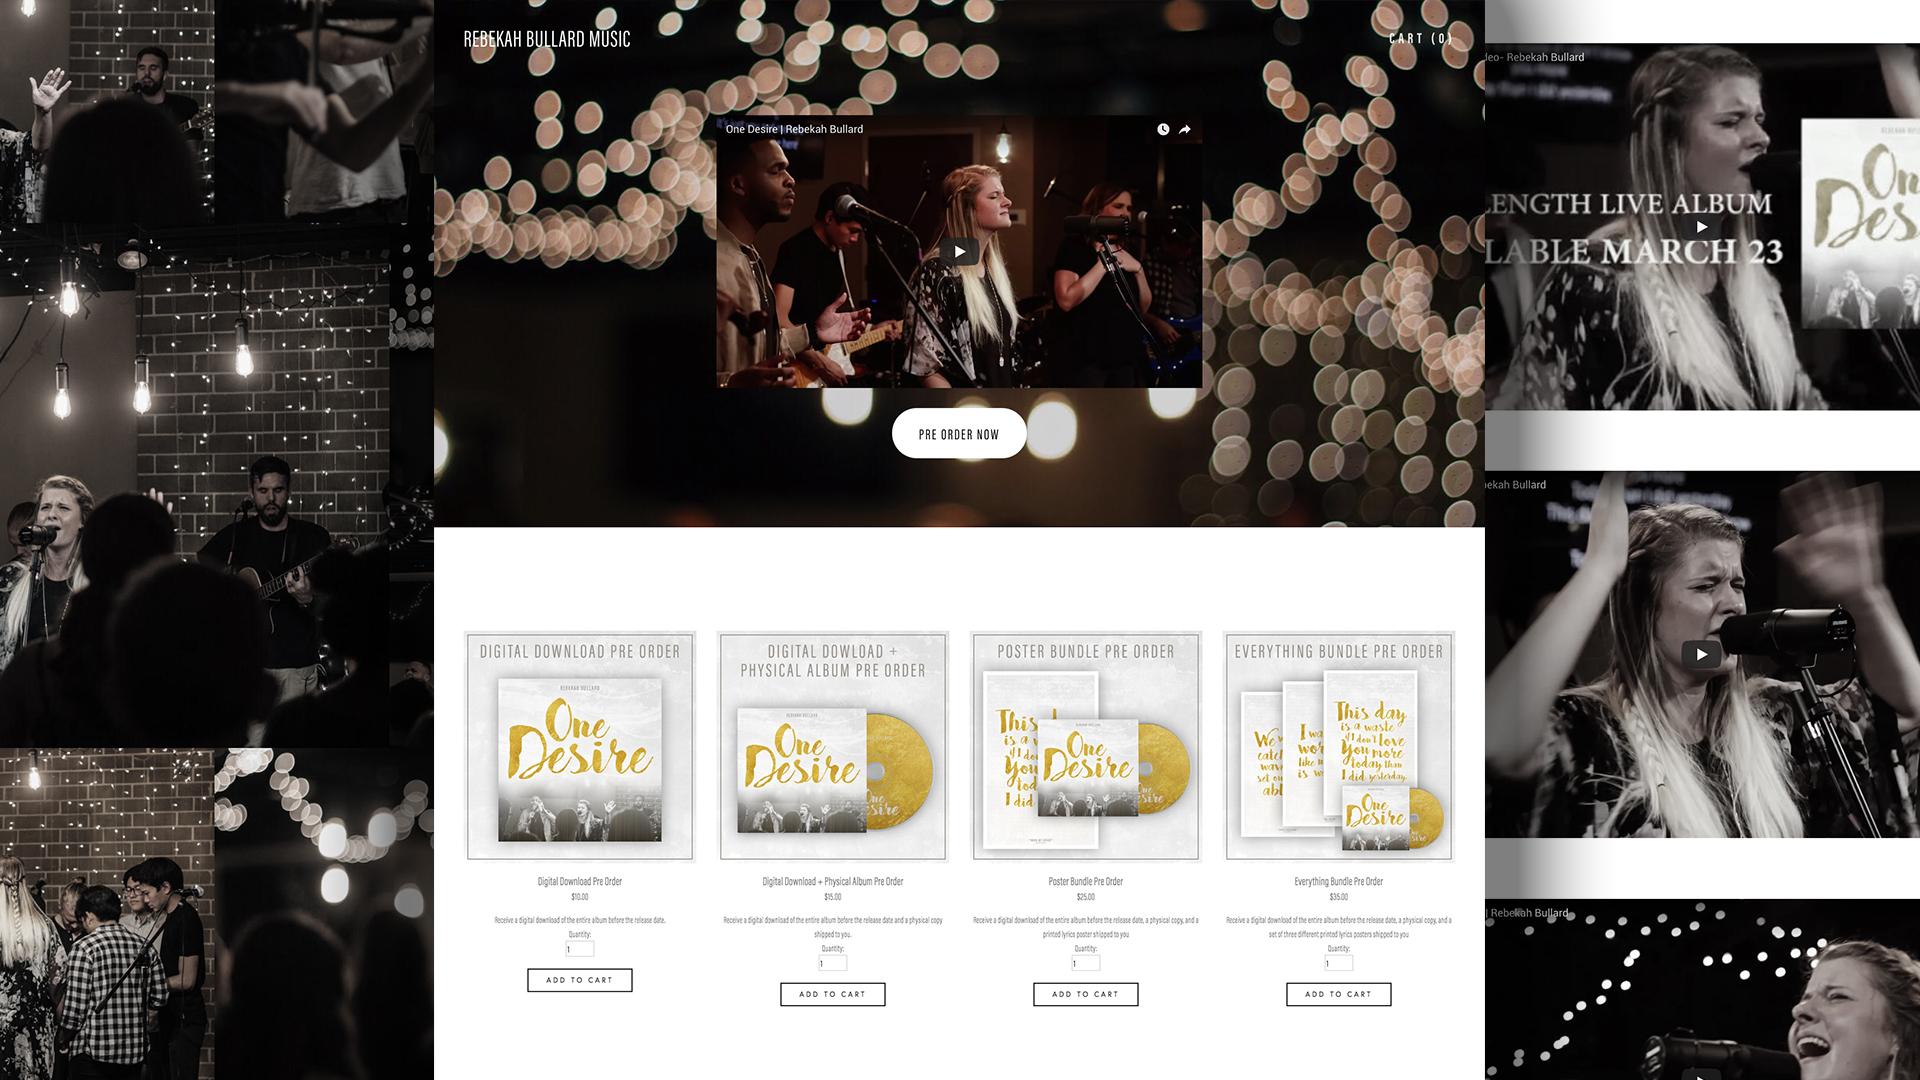 Website & Merch Store